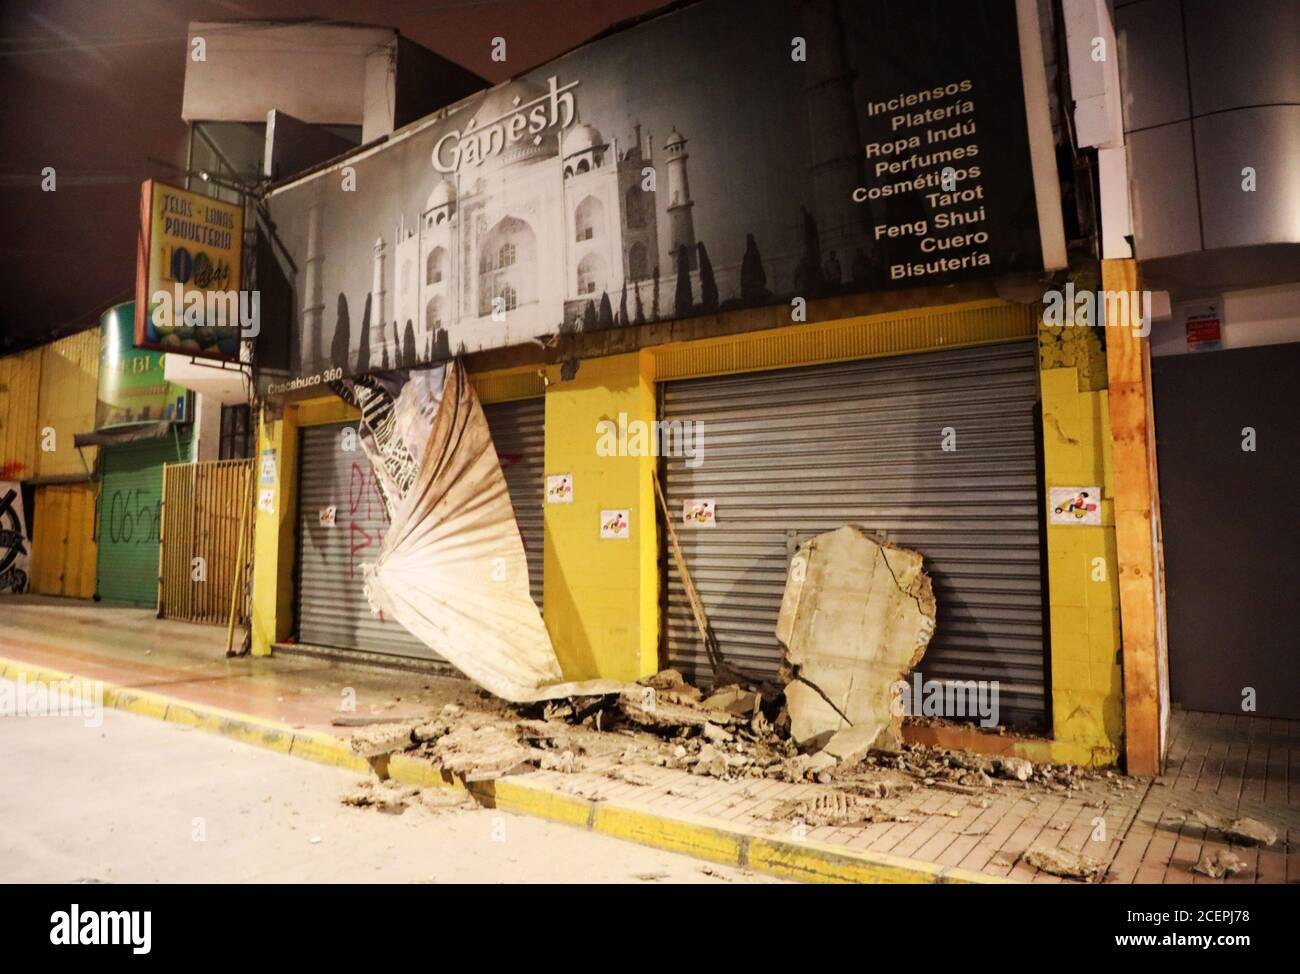 Atacama, Chile. 1 de septiembre de 2020. Las casas están dañadas por un terremoto en Atacama, Chile, 1 de septiembre de 2020. Un poderoso terremoto de 7 grados de magnitud que azotó el norte de Chile justo después de medianoche dañó edificios y carreteras, pero no causó lesiones, informó el martes la Oficina Nacional de Emergencias (ONEMI) del Ministerio del Interior. (Agencia uno/entrega vía Xinhua) crédito: Xinhua/Alamy Live News Foto de stock